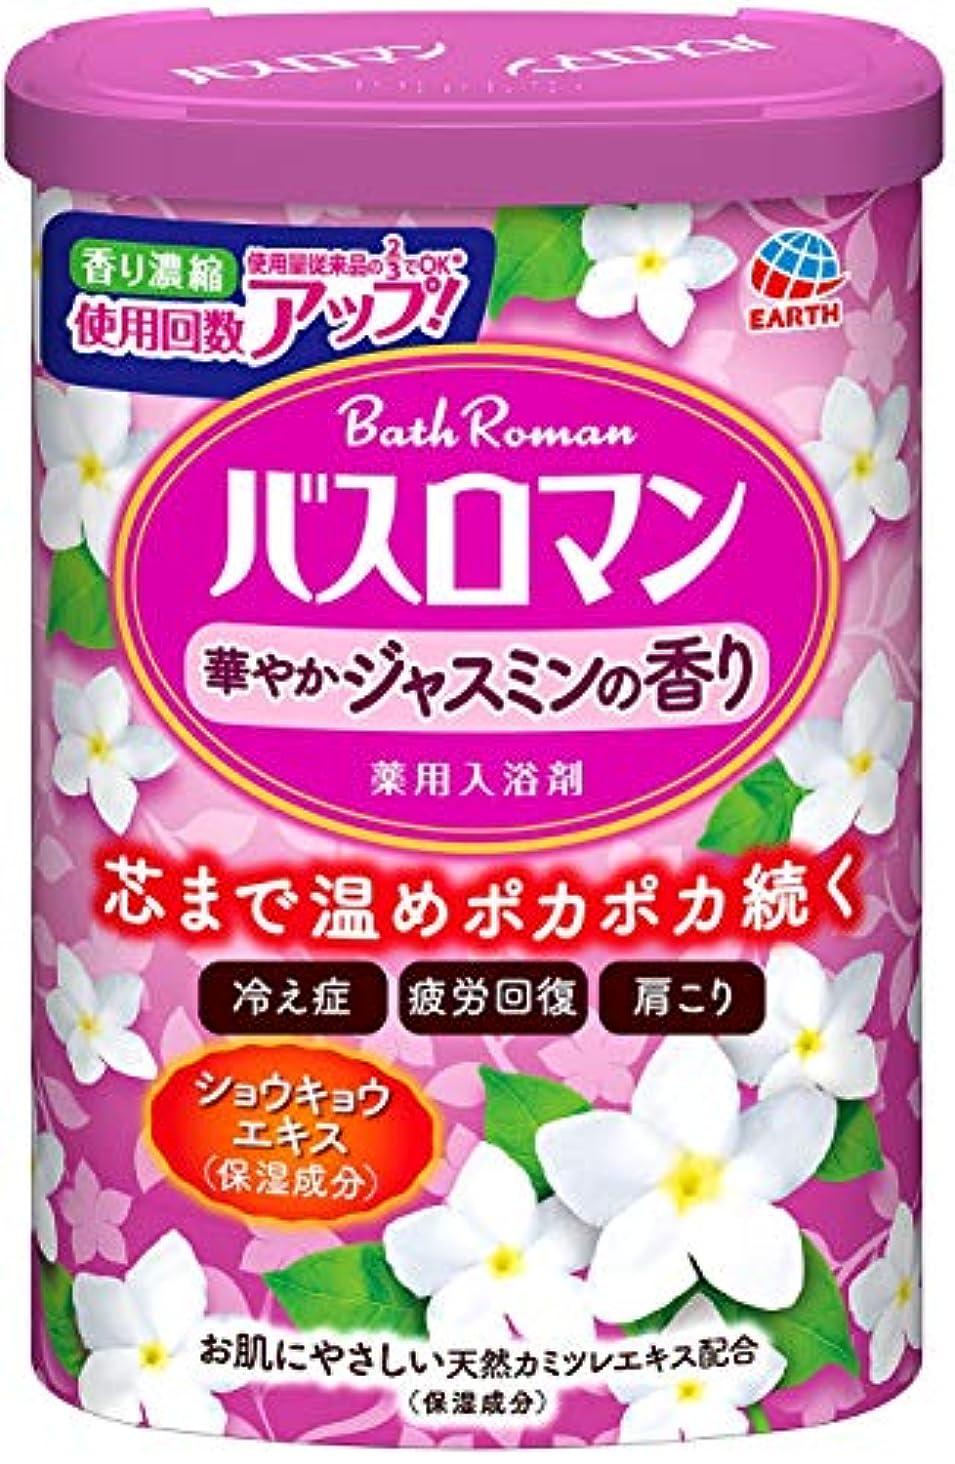 【医薬部外品】バスロマン 入浴剤 華やかジャスミンの香り [600g]